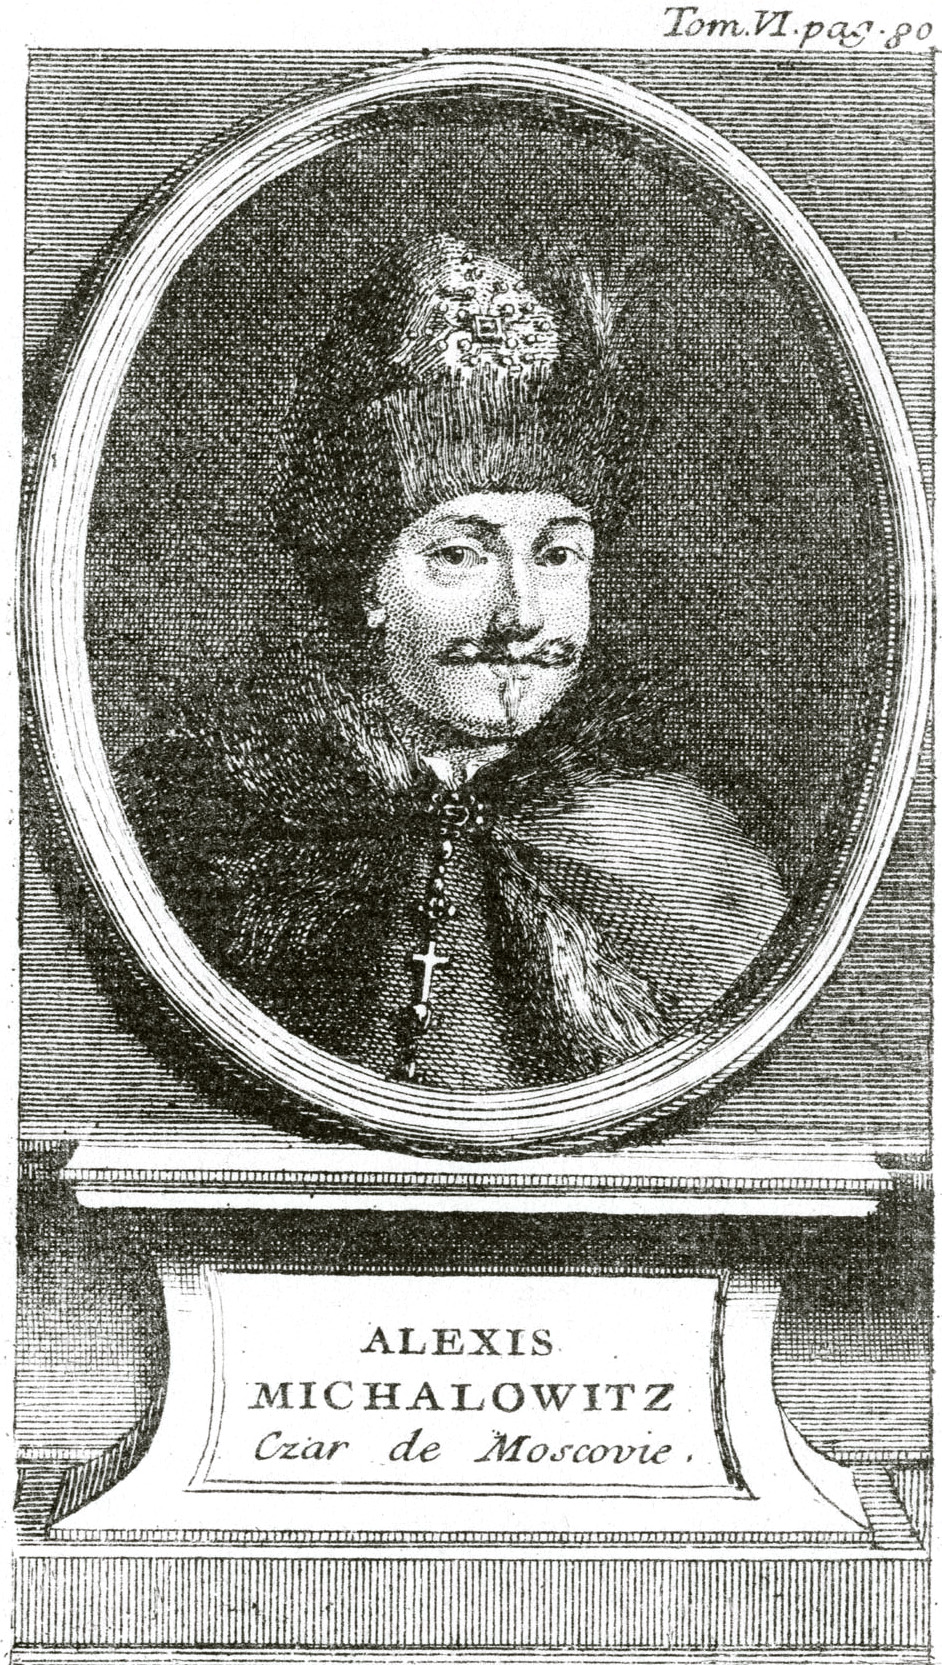 83. Маленький портрет Царя Алексея Михайловича